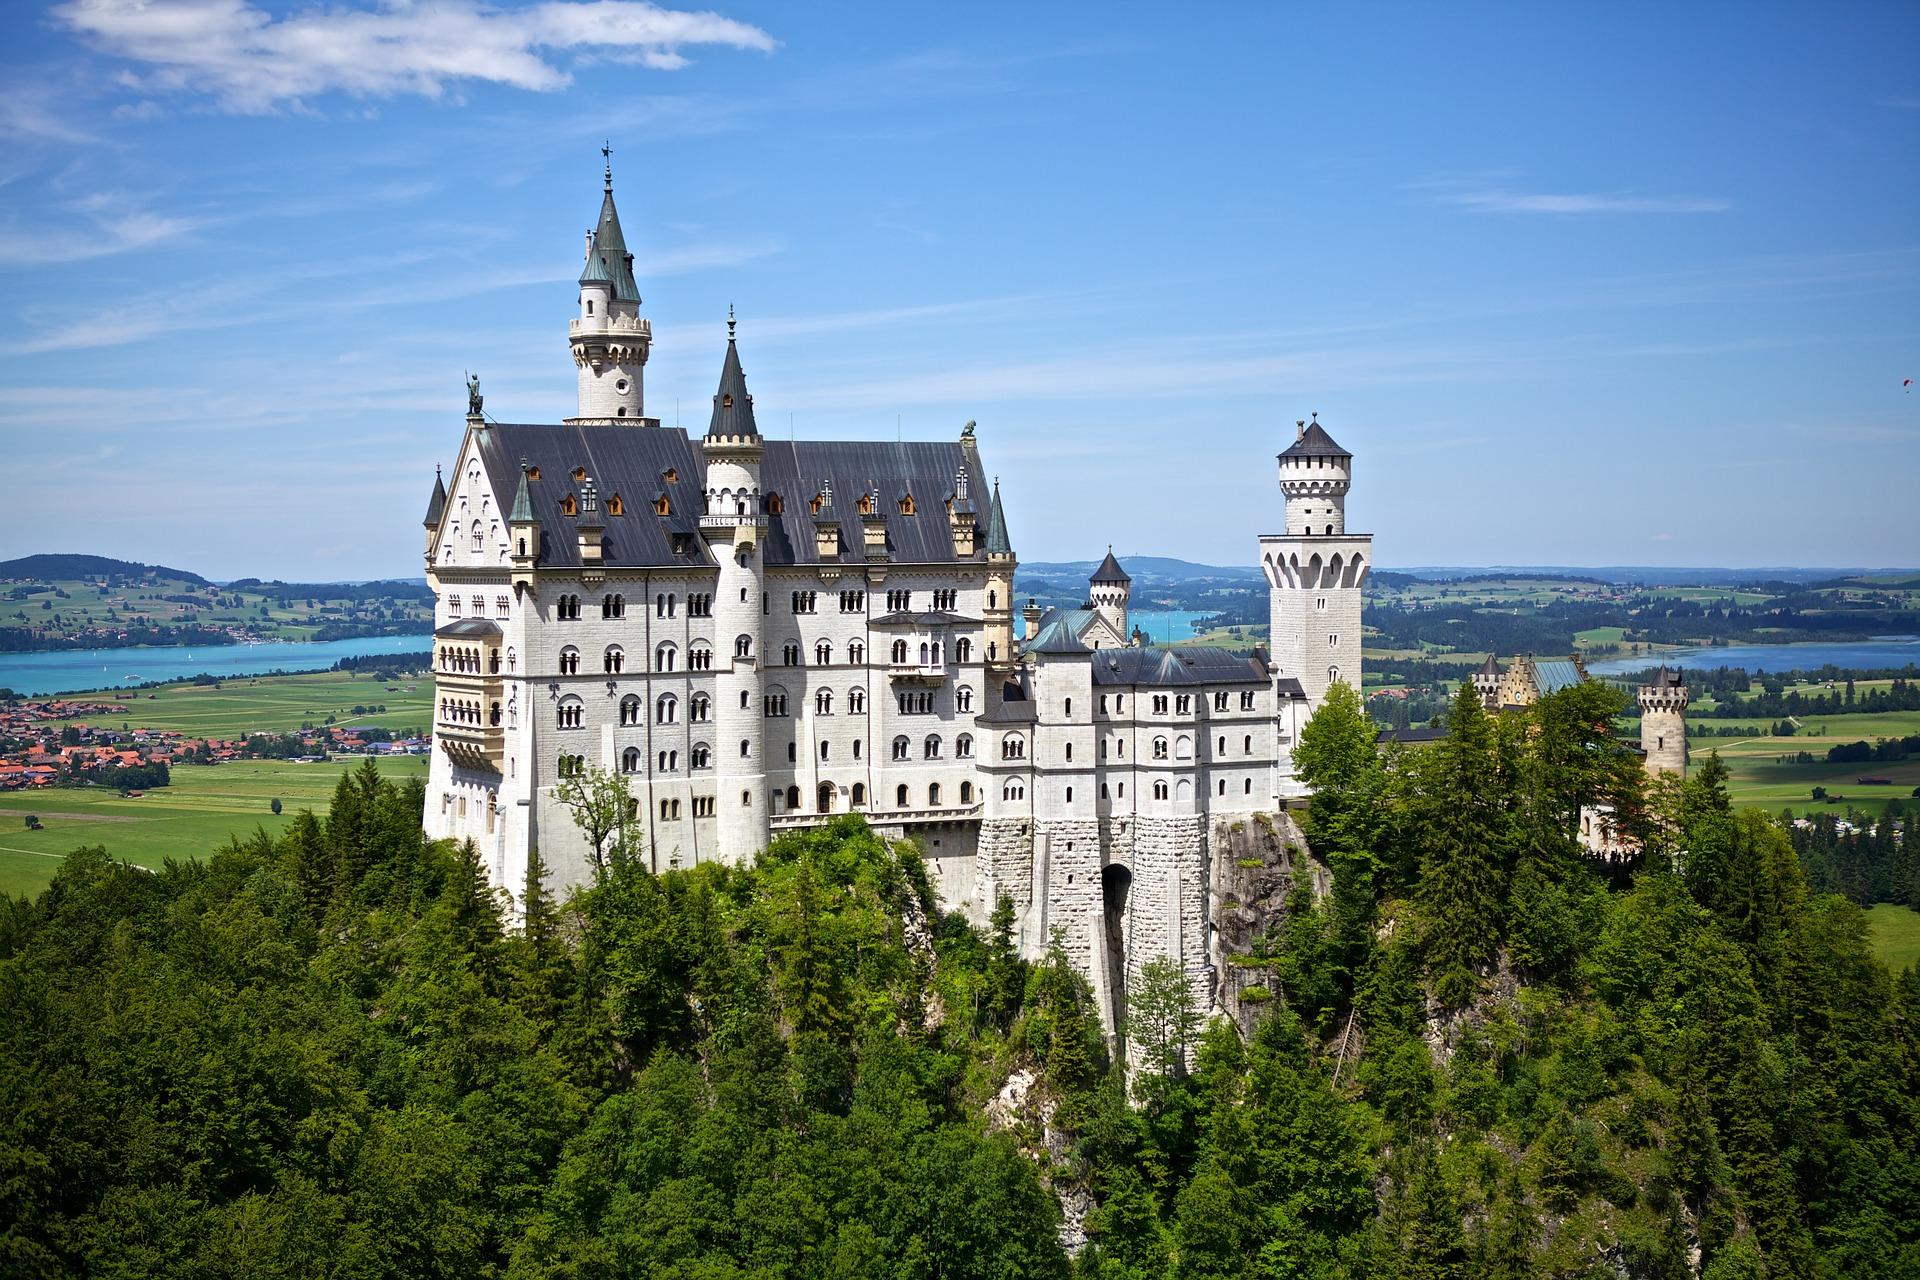 castello di neuschwanstein storia